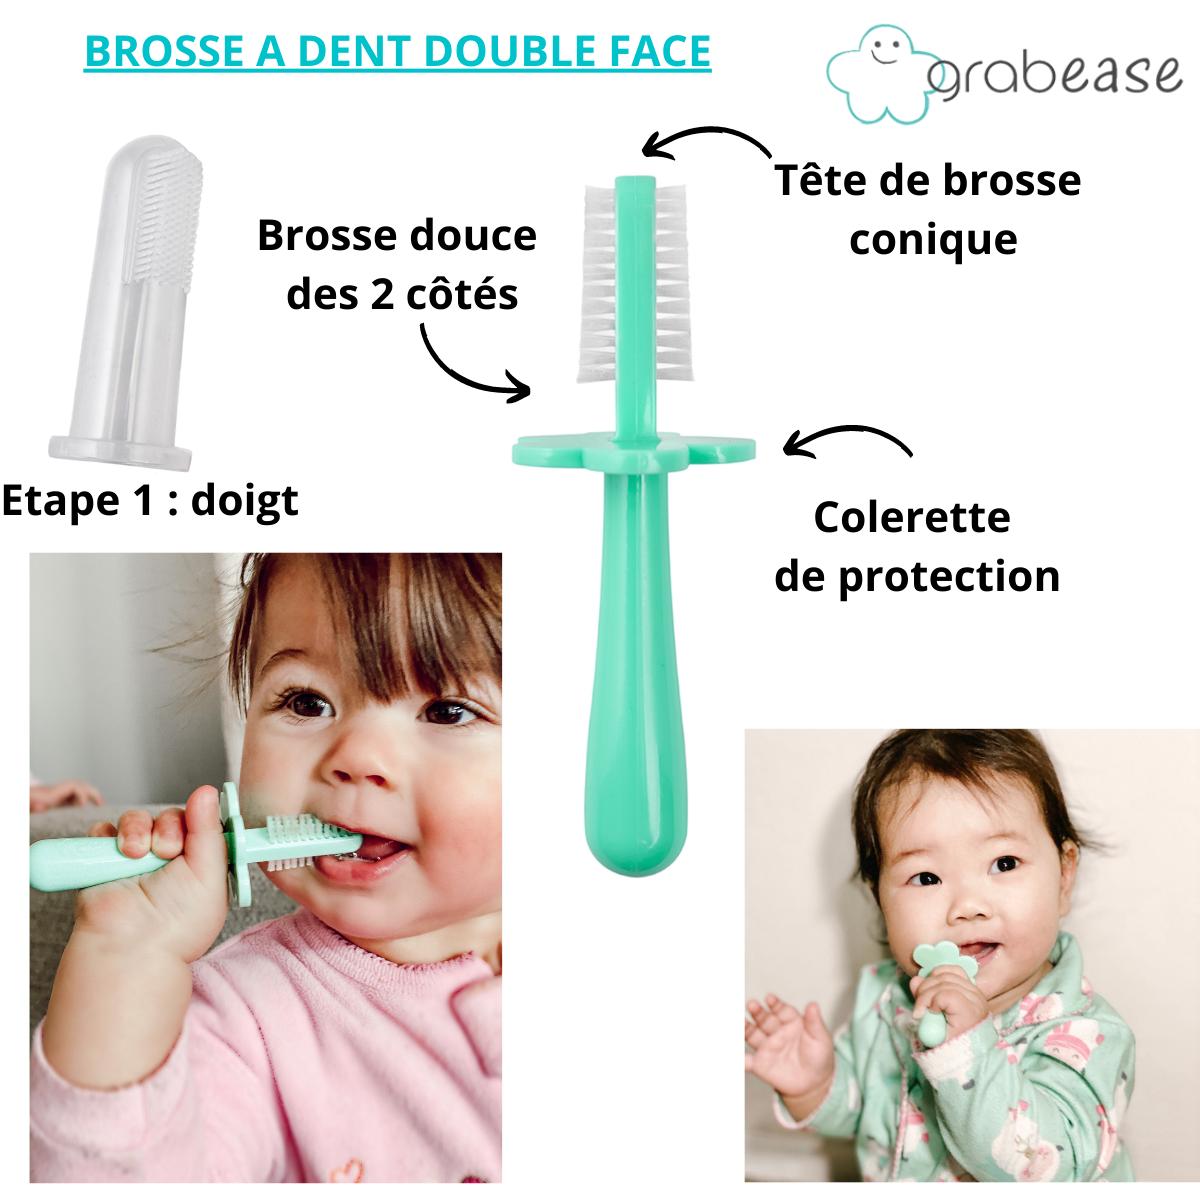 Brosse à Dents Double Face  Grabease